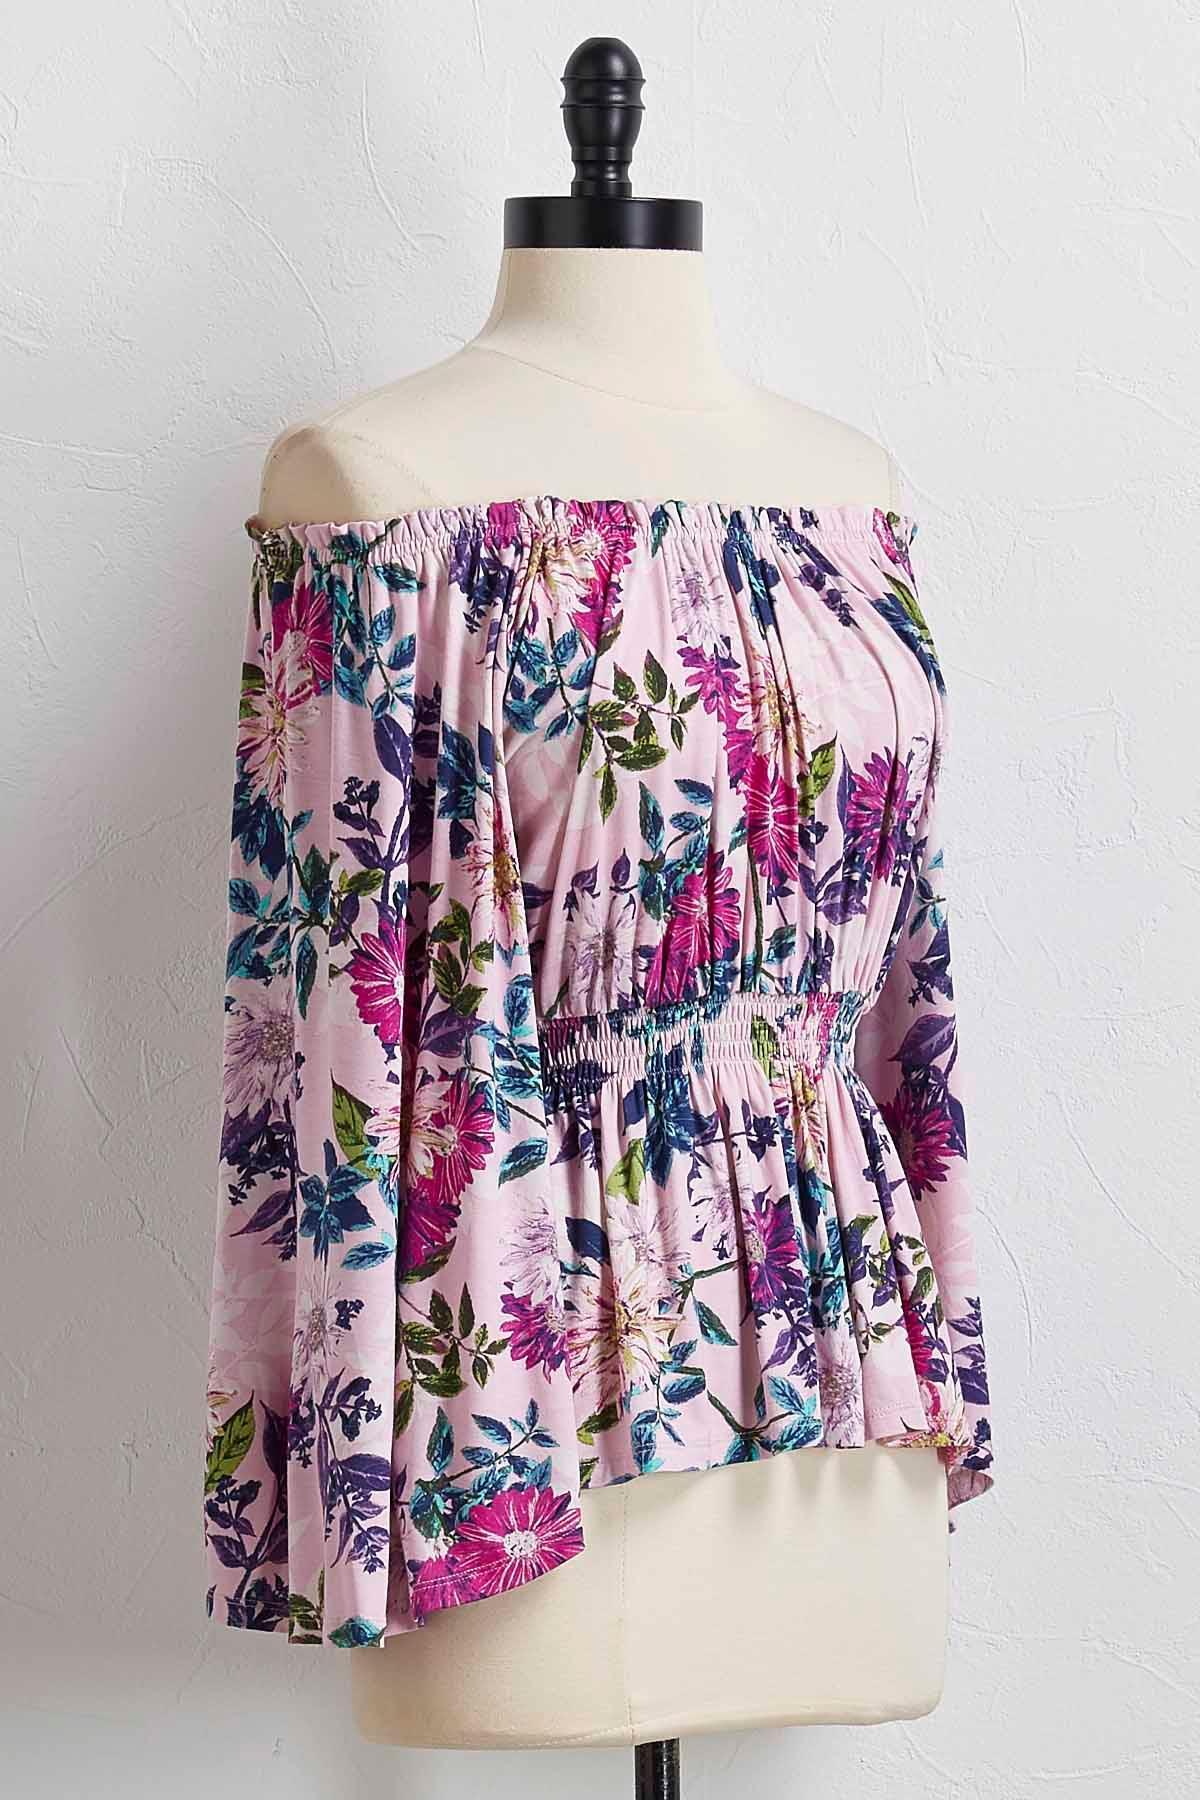 Lavender Floral Off The Shoulder Top